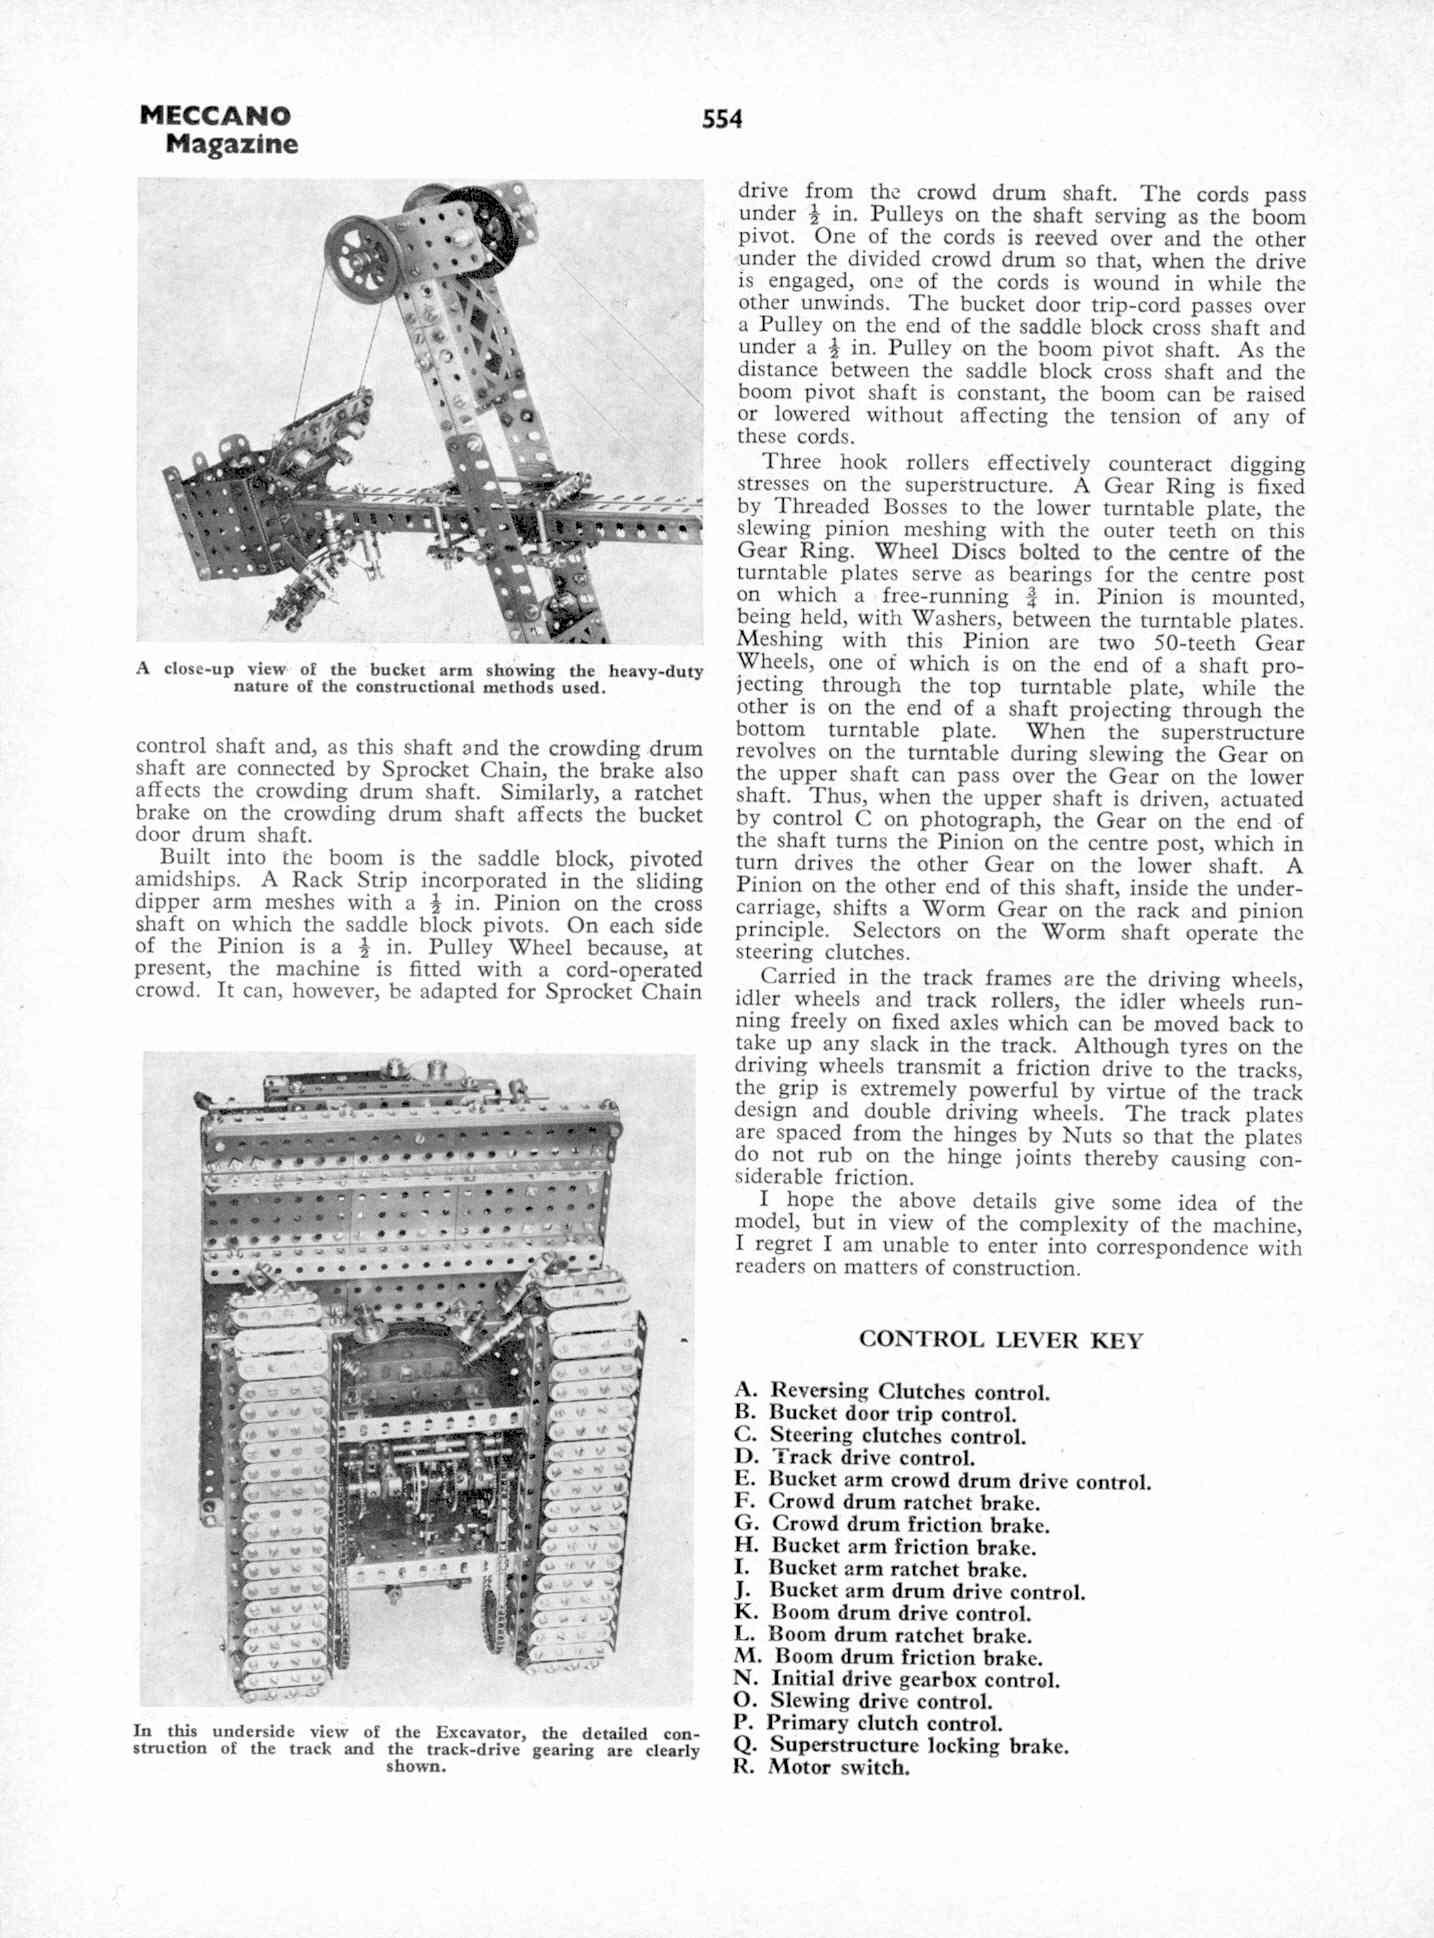 UK Meccano Magazine October 1970 Page 554